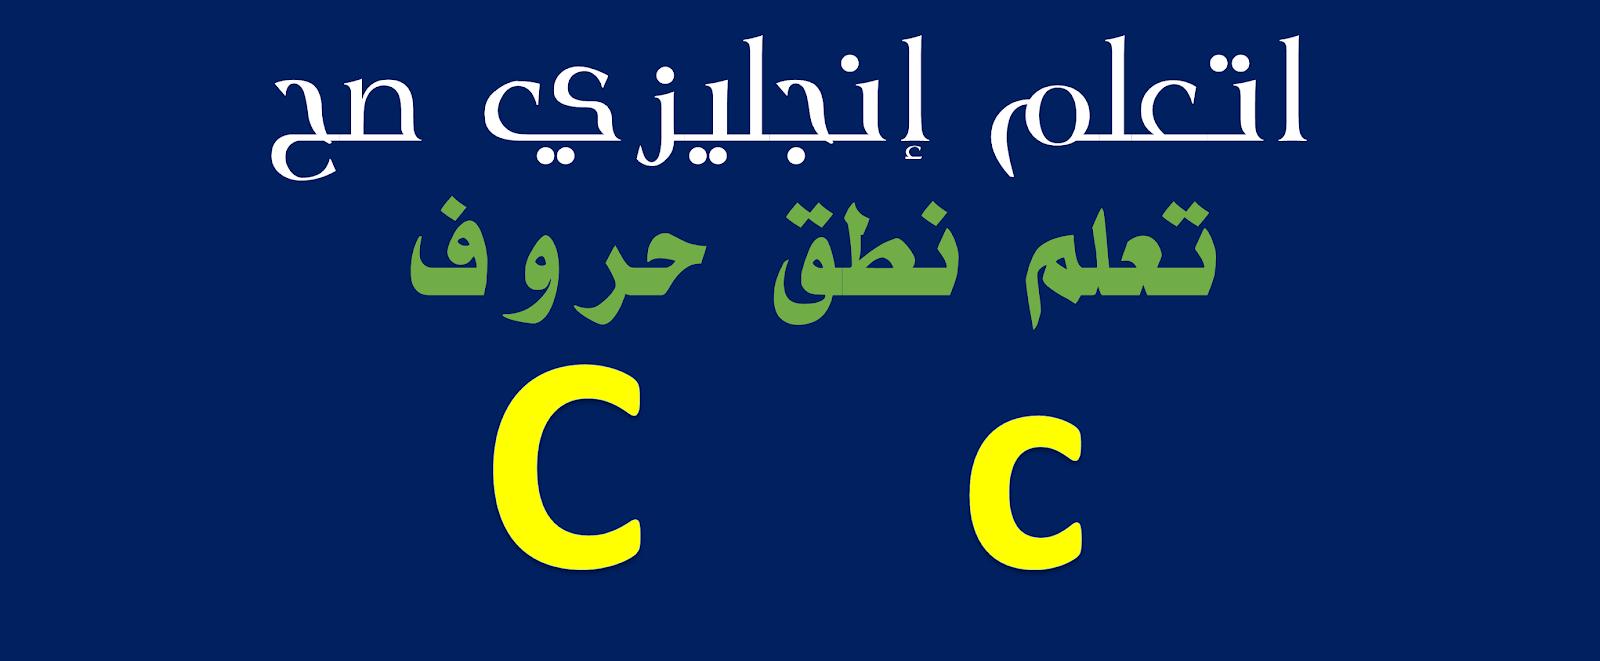 تعلم اللغة الانجليزية أونلاين قواعد نطق الحروف كاملة من الــ A الى Z بالاضافة الى مجموعة من التراكيب